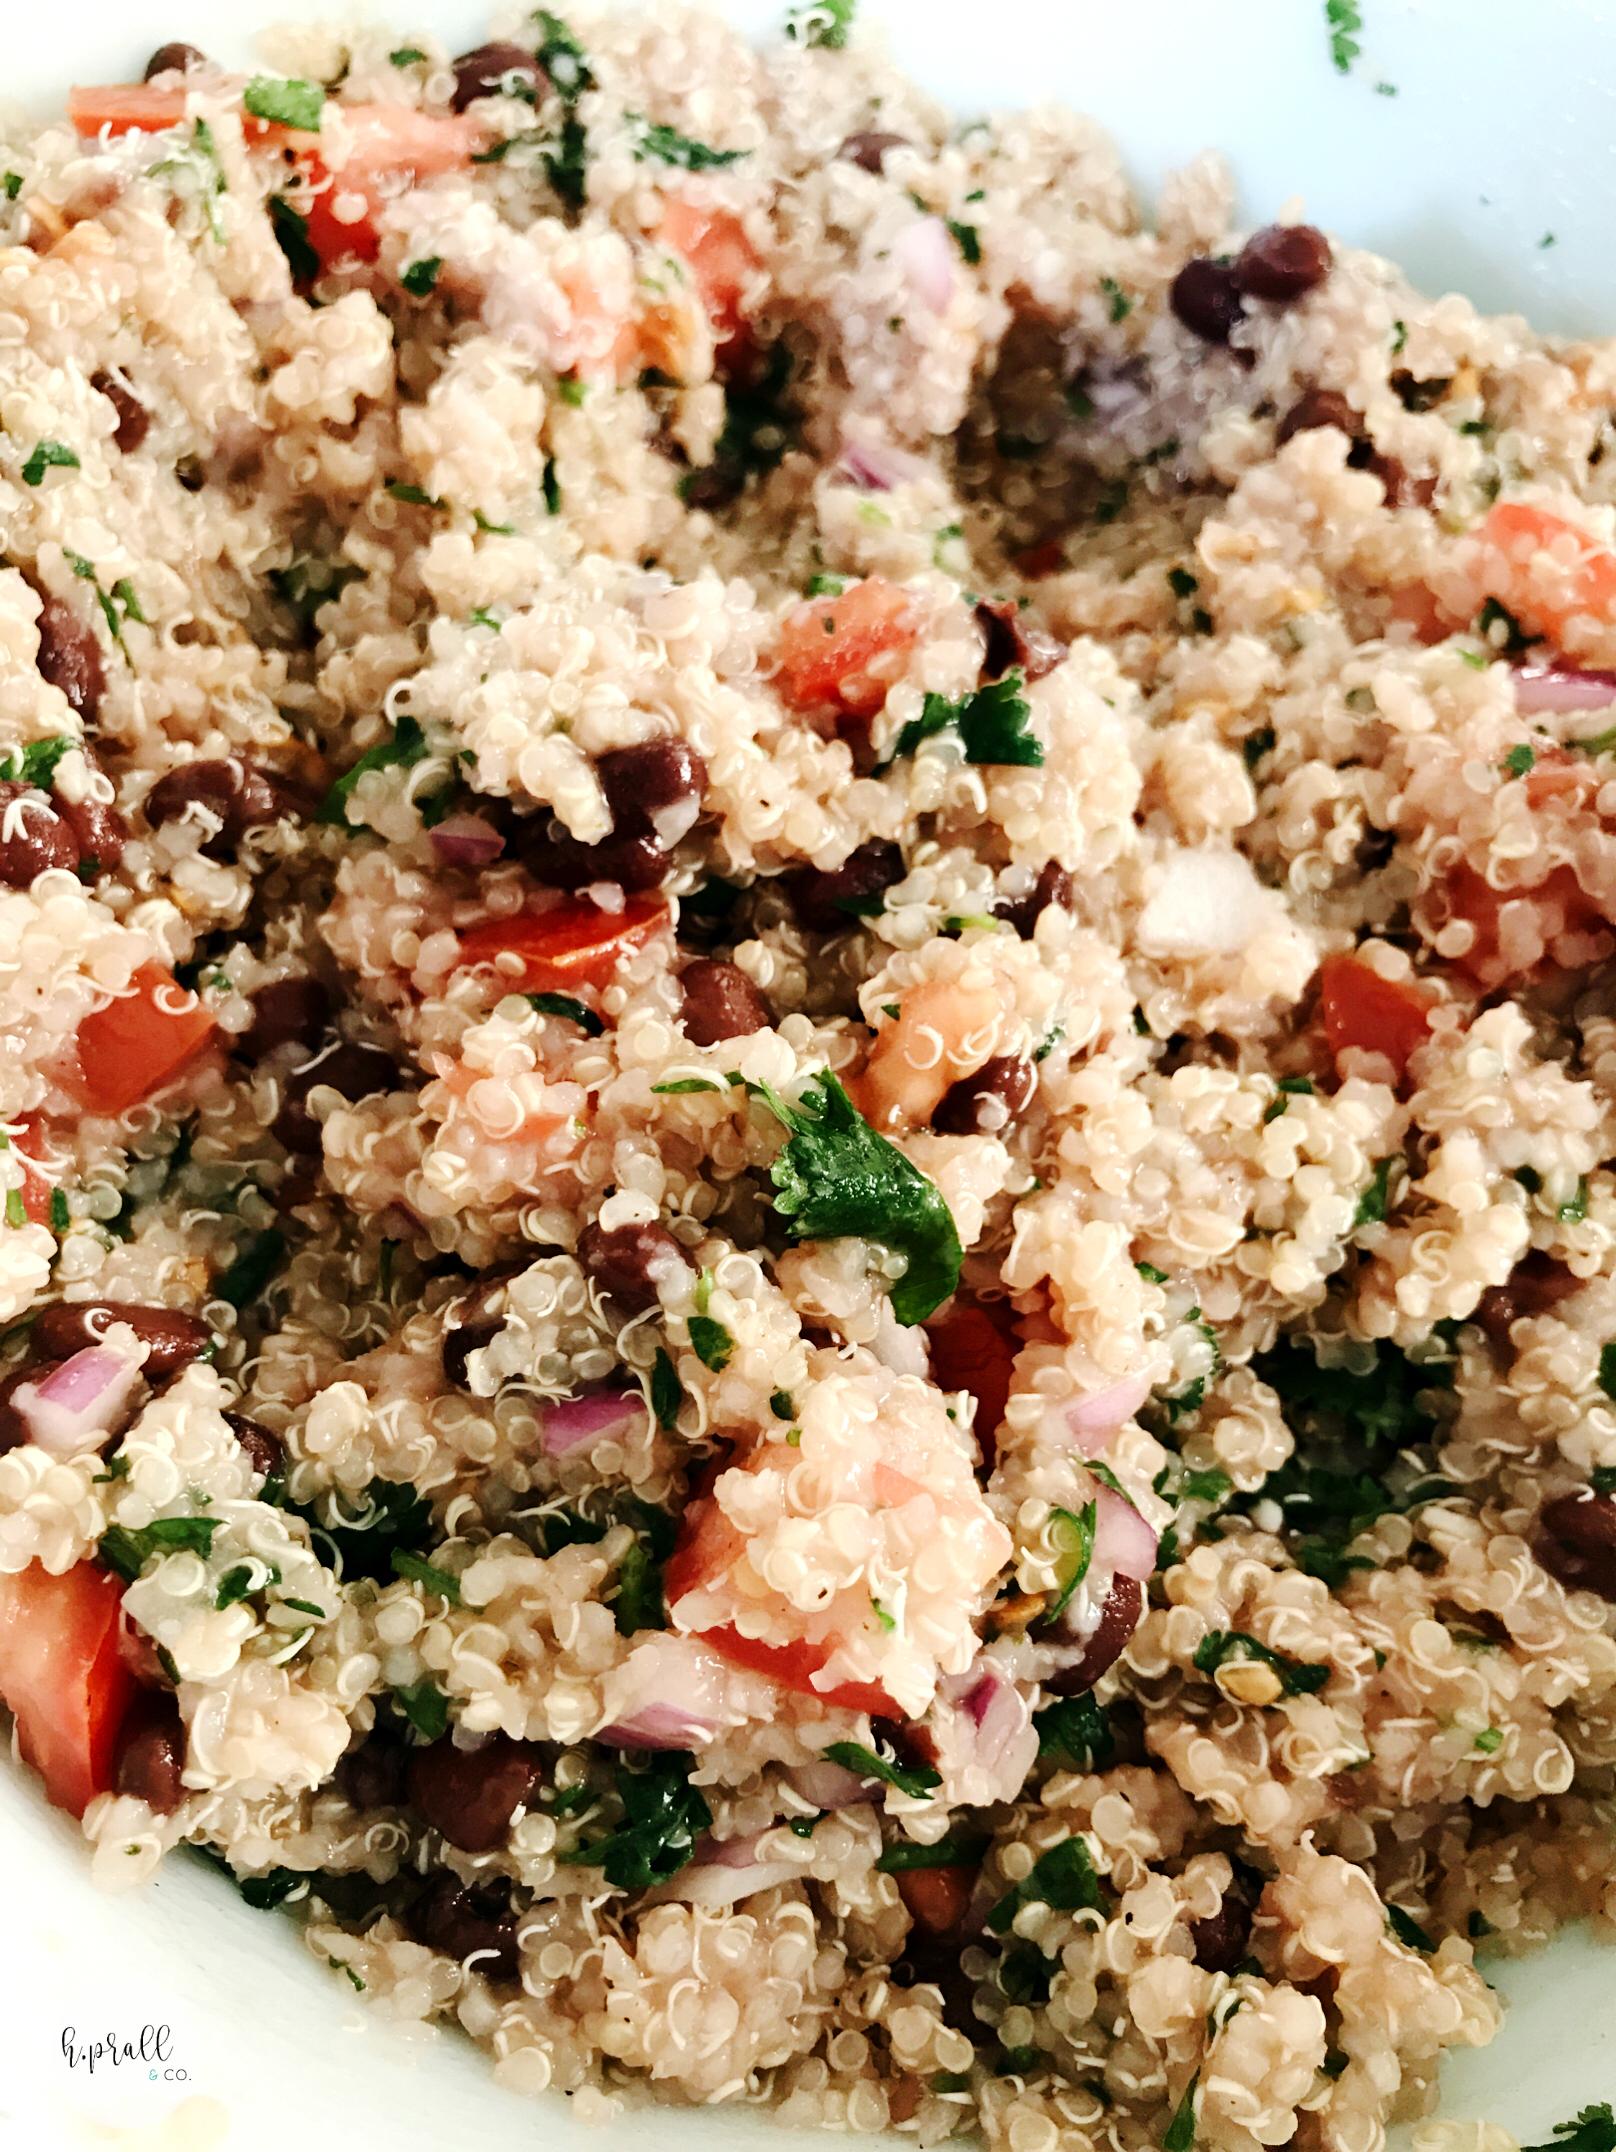 Southwest Quinoa Salad Recipe from H.Prall & Co.   hprallandco.com